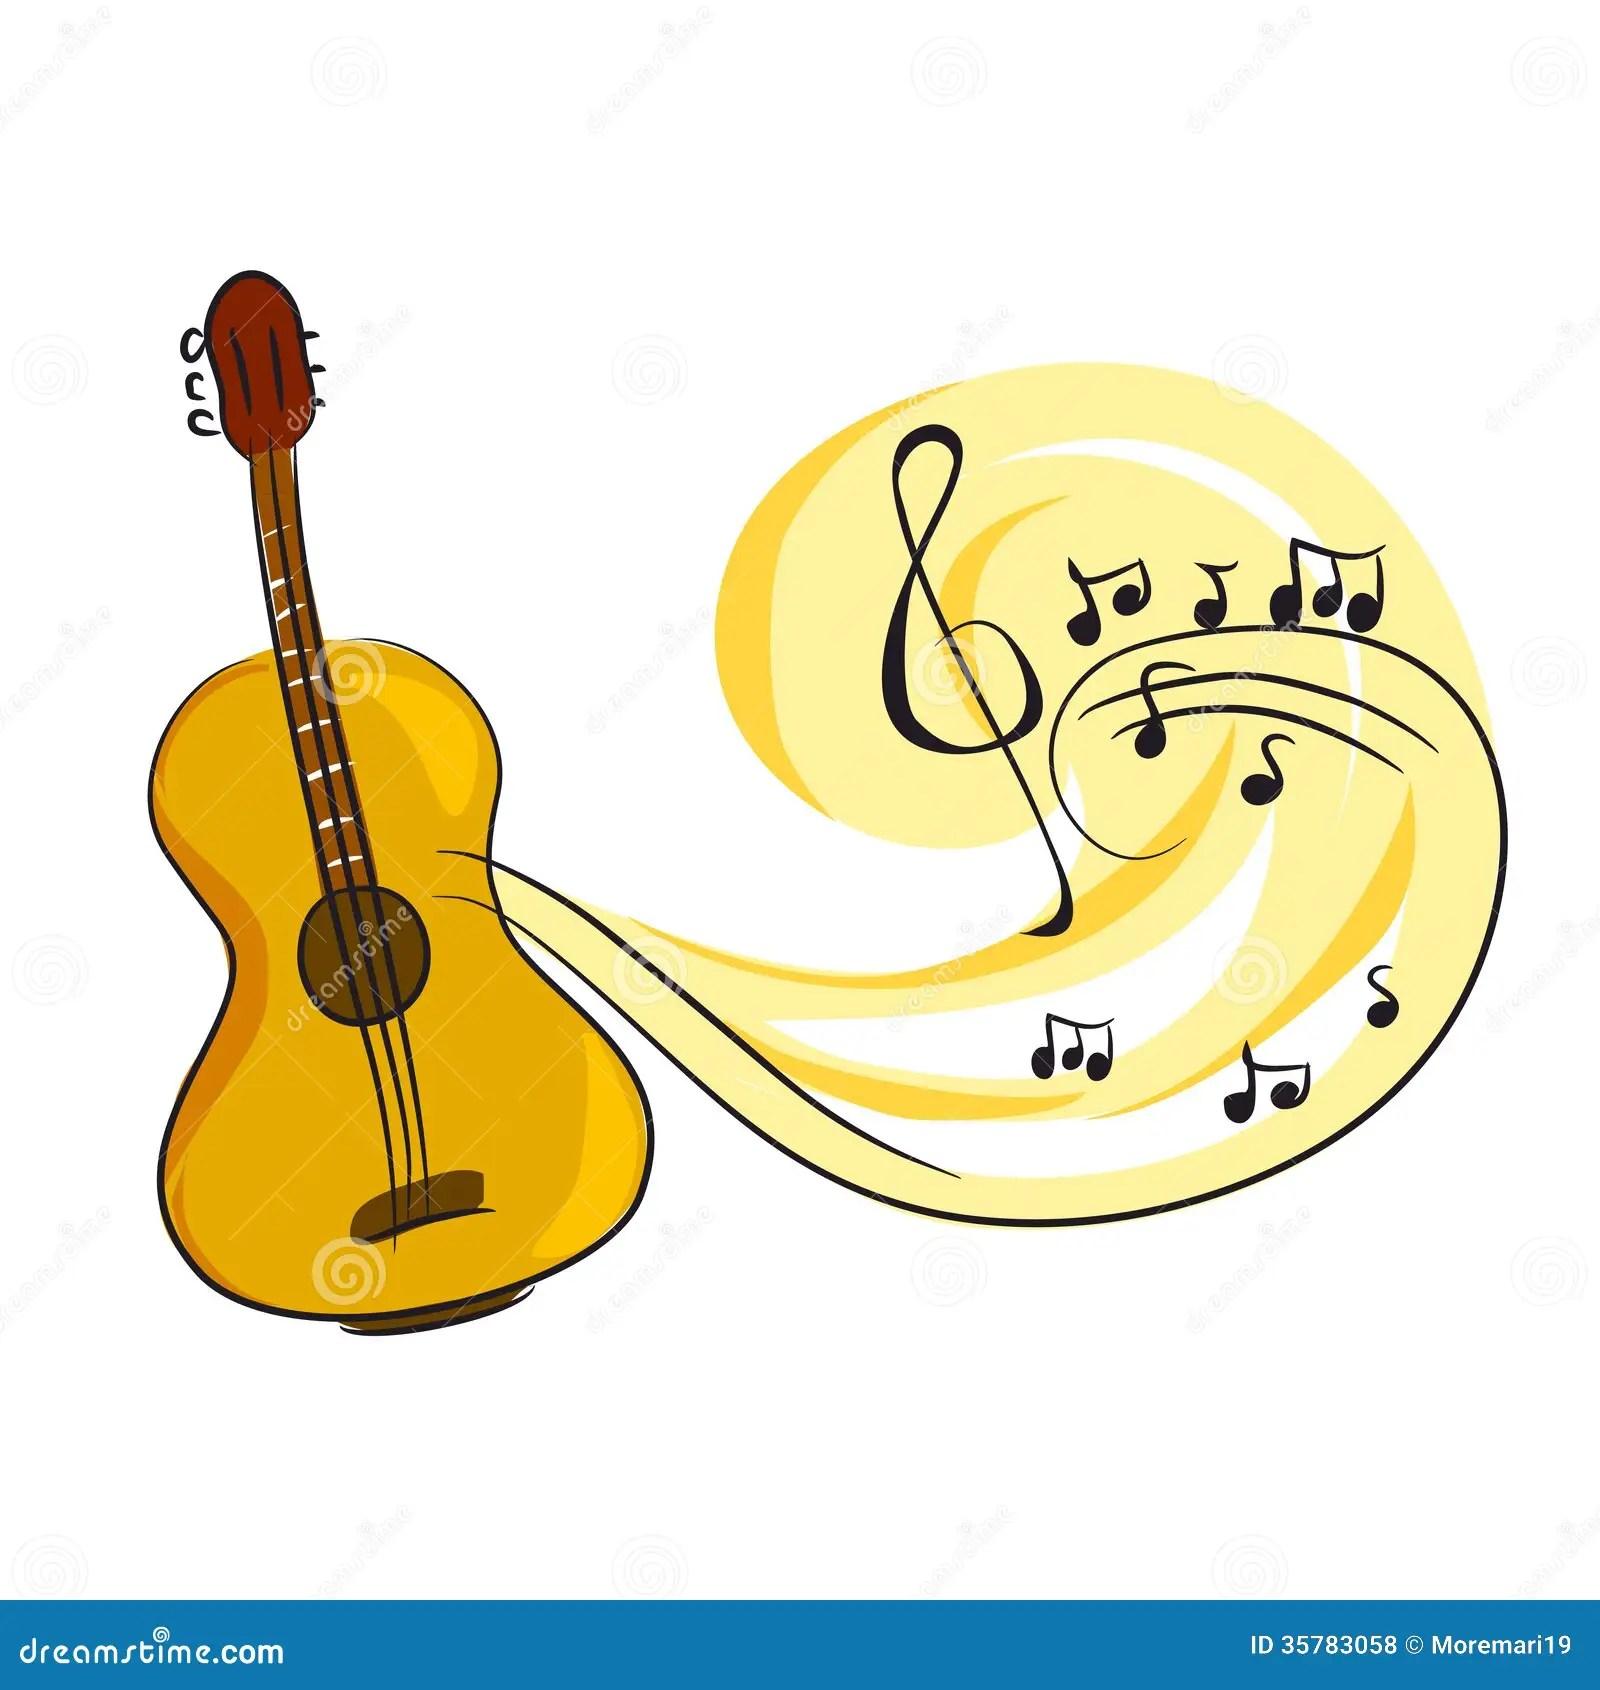 Music Quotes Wallpaper Guitar Guitare Avec Des Notes De Musique Photos Libres De Droits